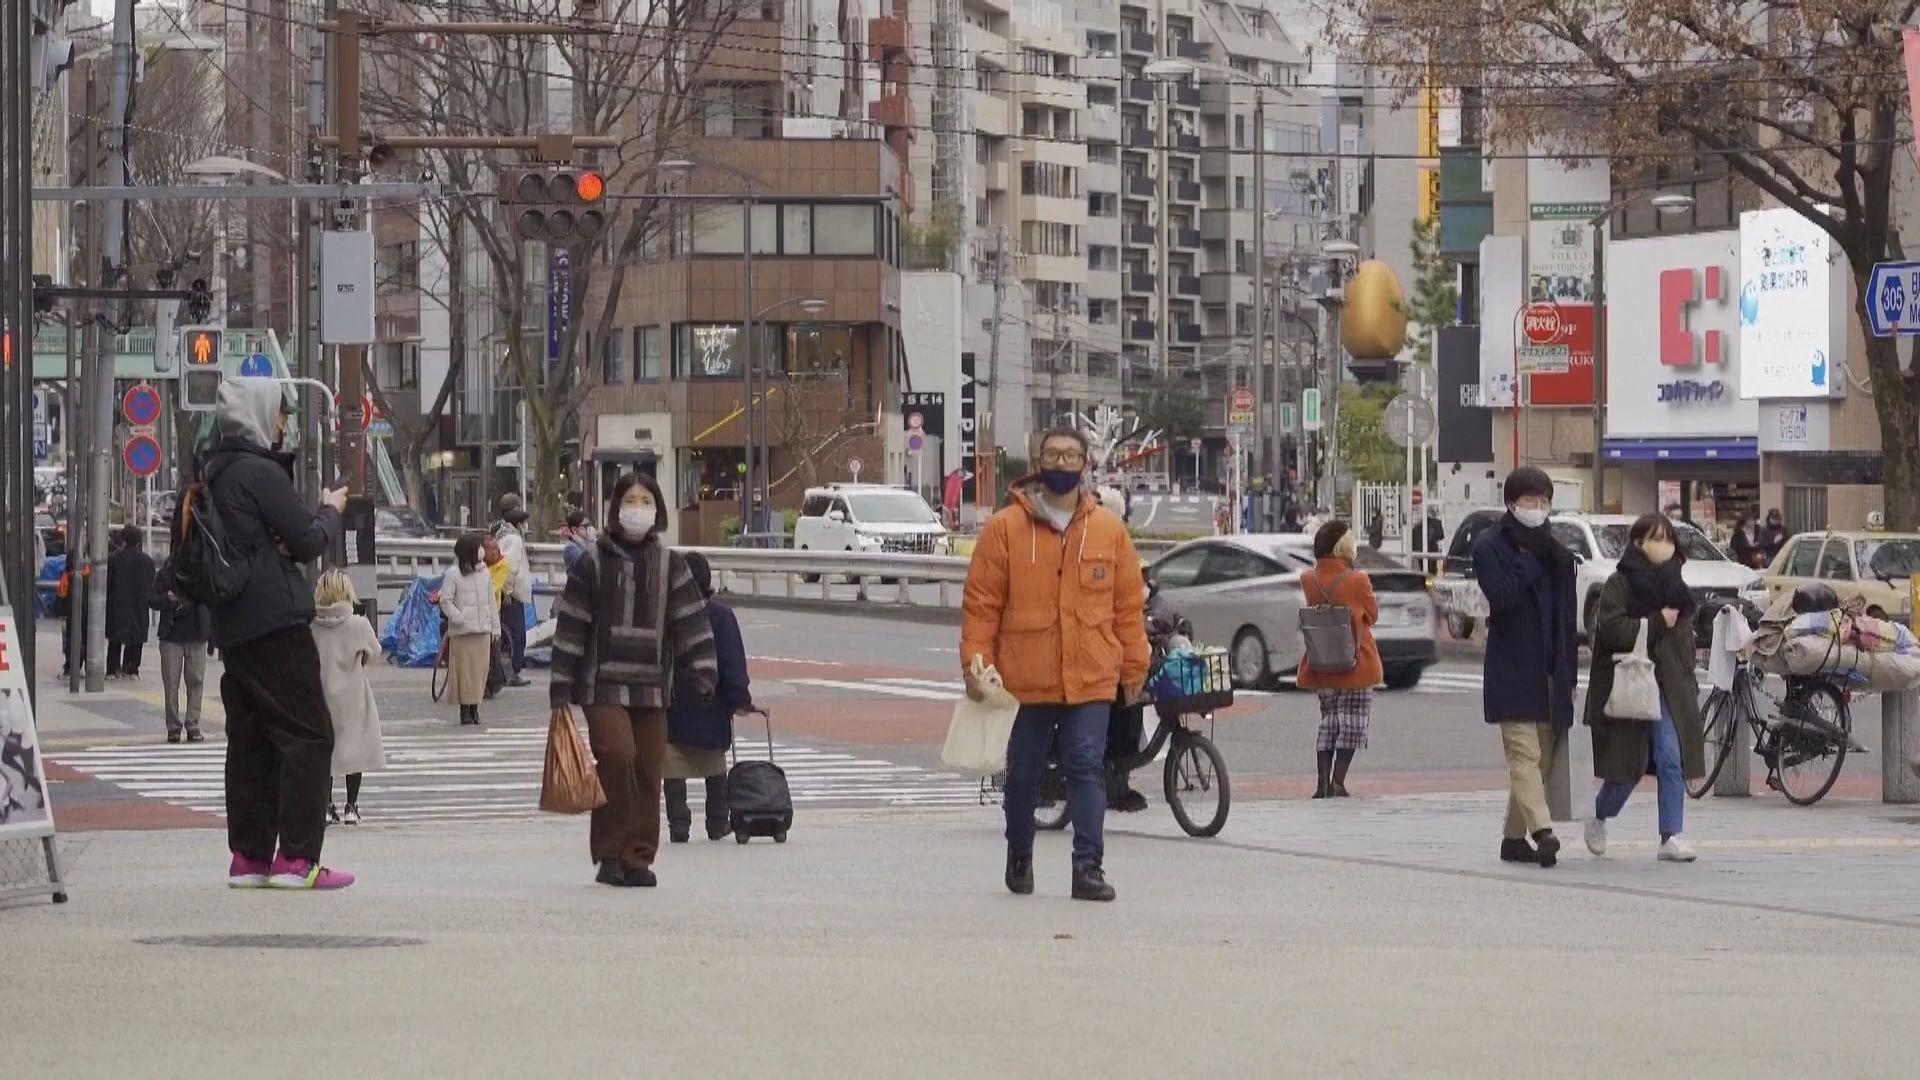 大阪府多1262宗新冠病毒確診 創當地新高